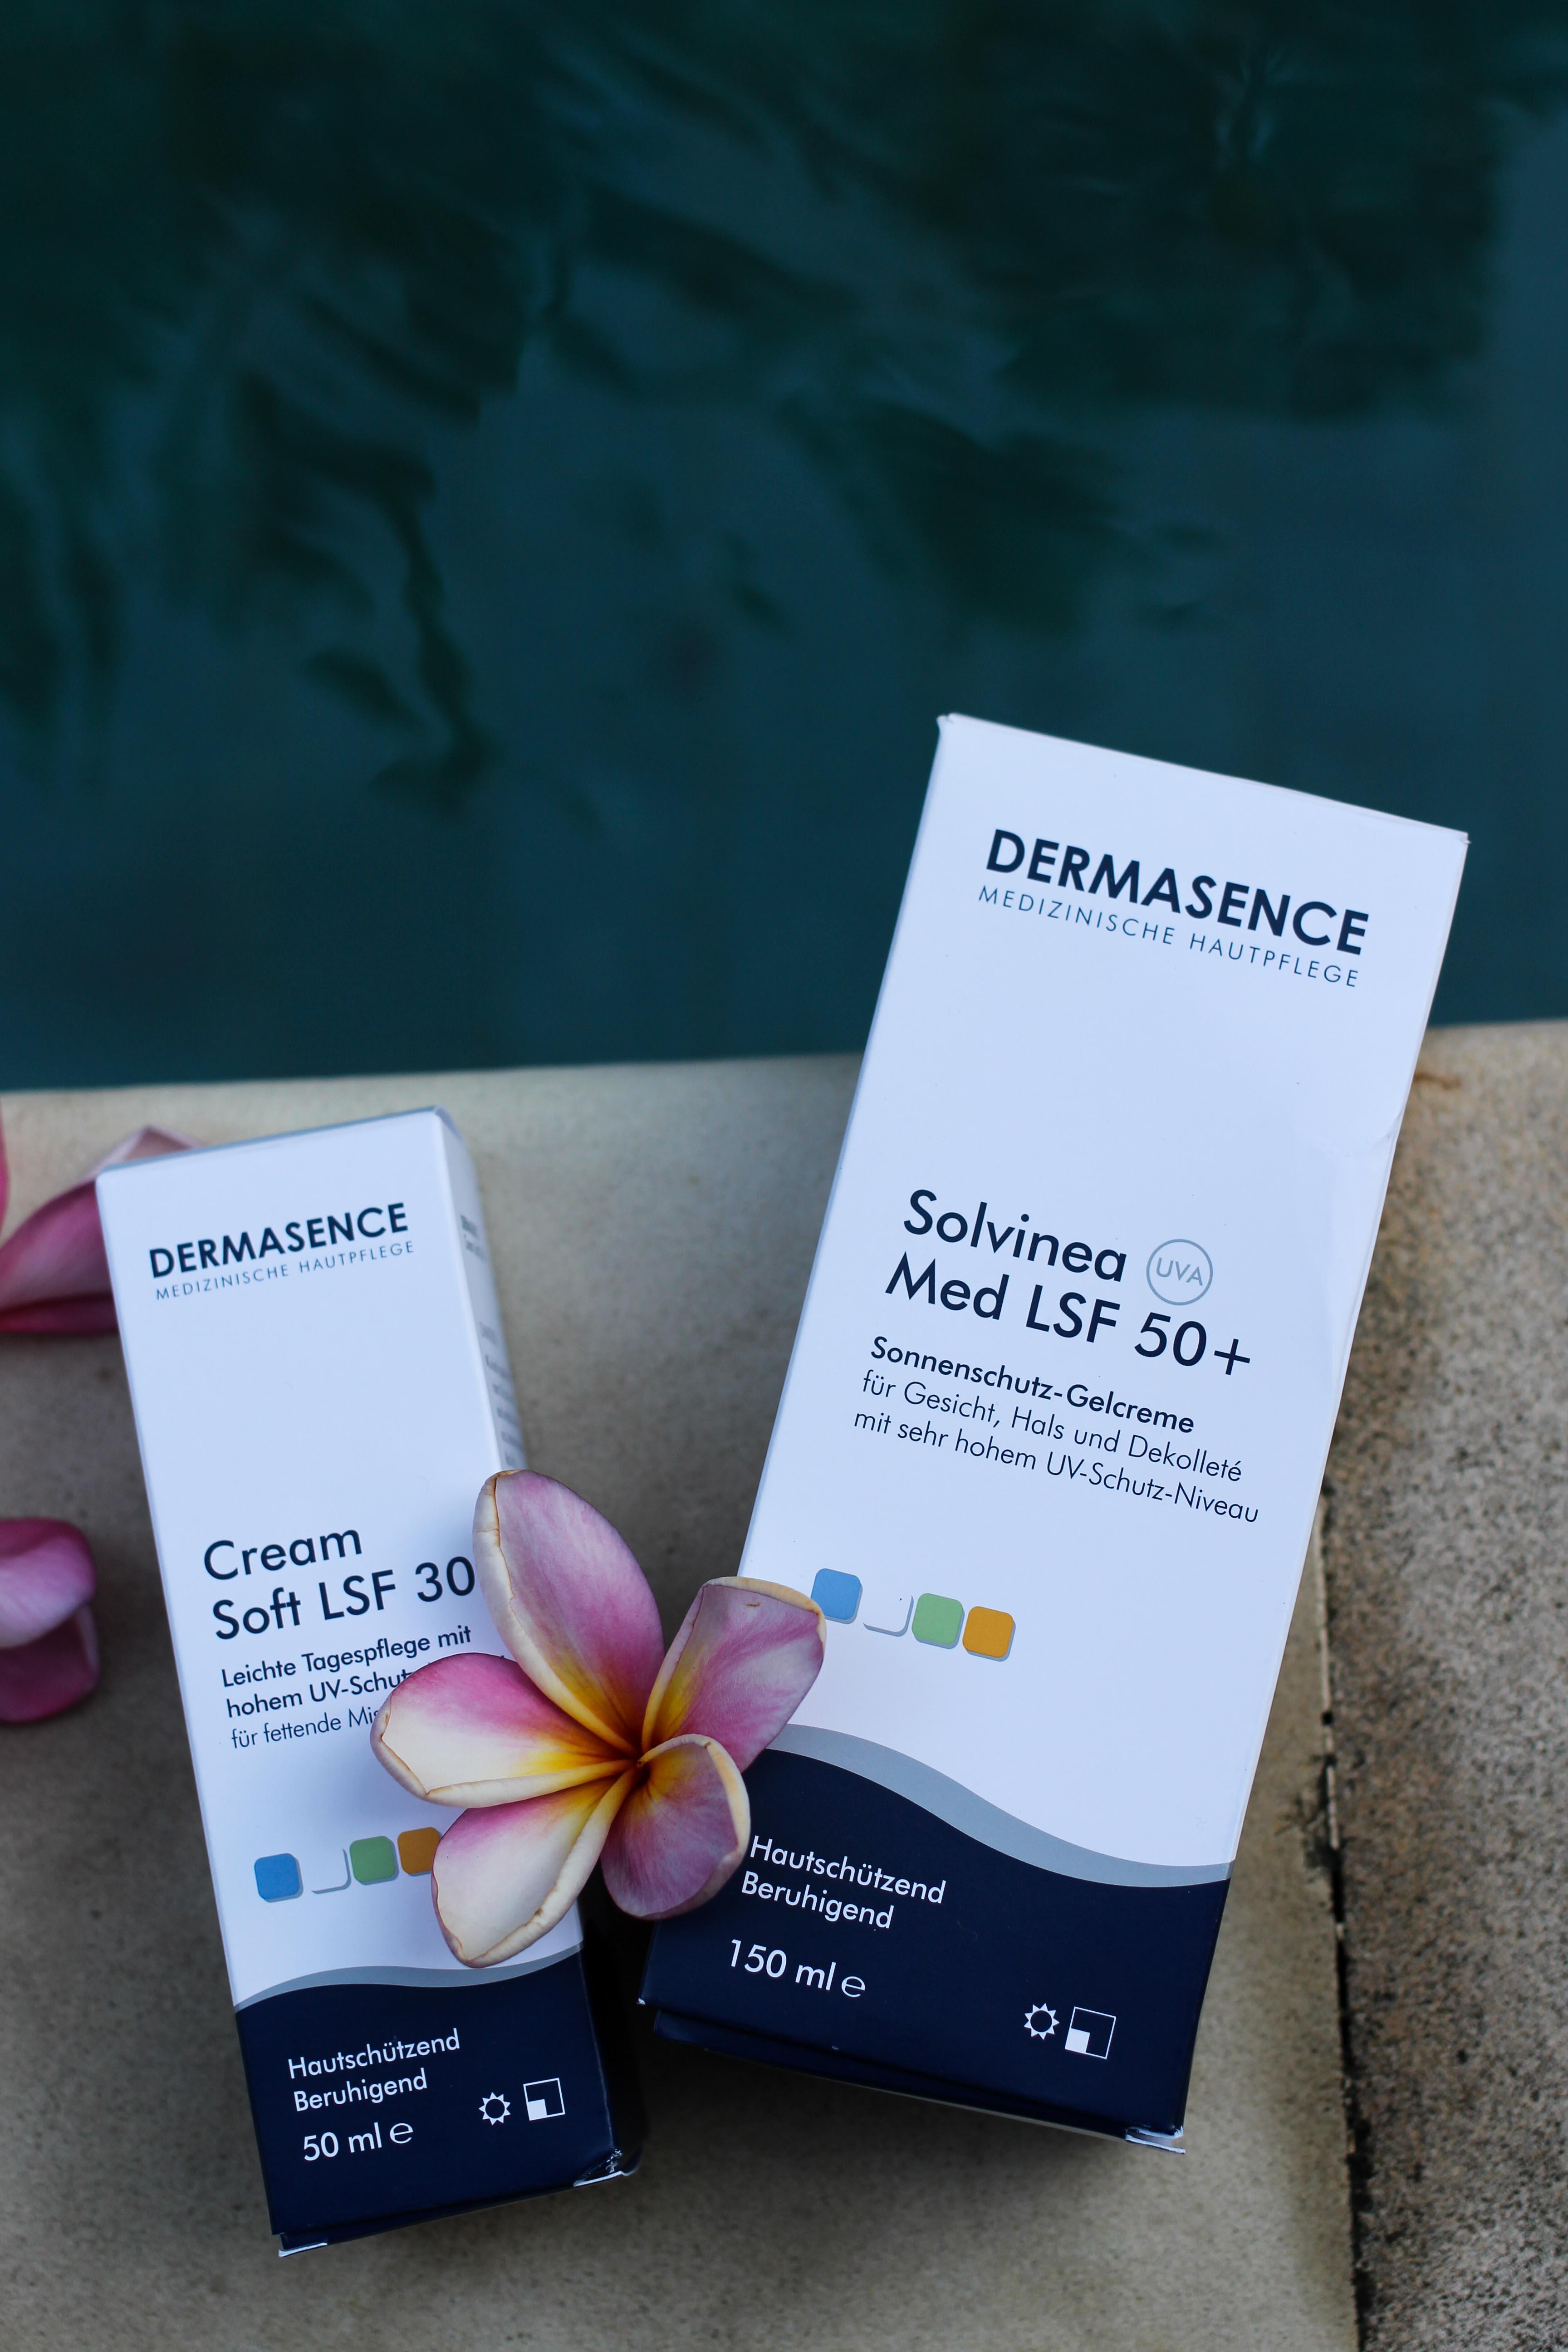 Urlaubs-Hautpflege Sommerurlaub trockene empfindliche Haut Dermasence Sonnenschutz Cream Soft LSF 30 Sonnencreme LSF 50+ Beauty Blog Bali